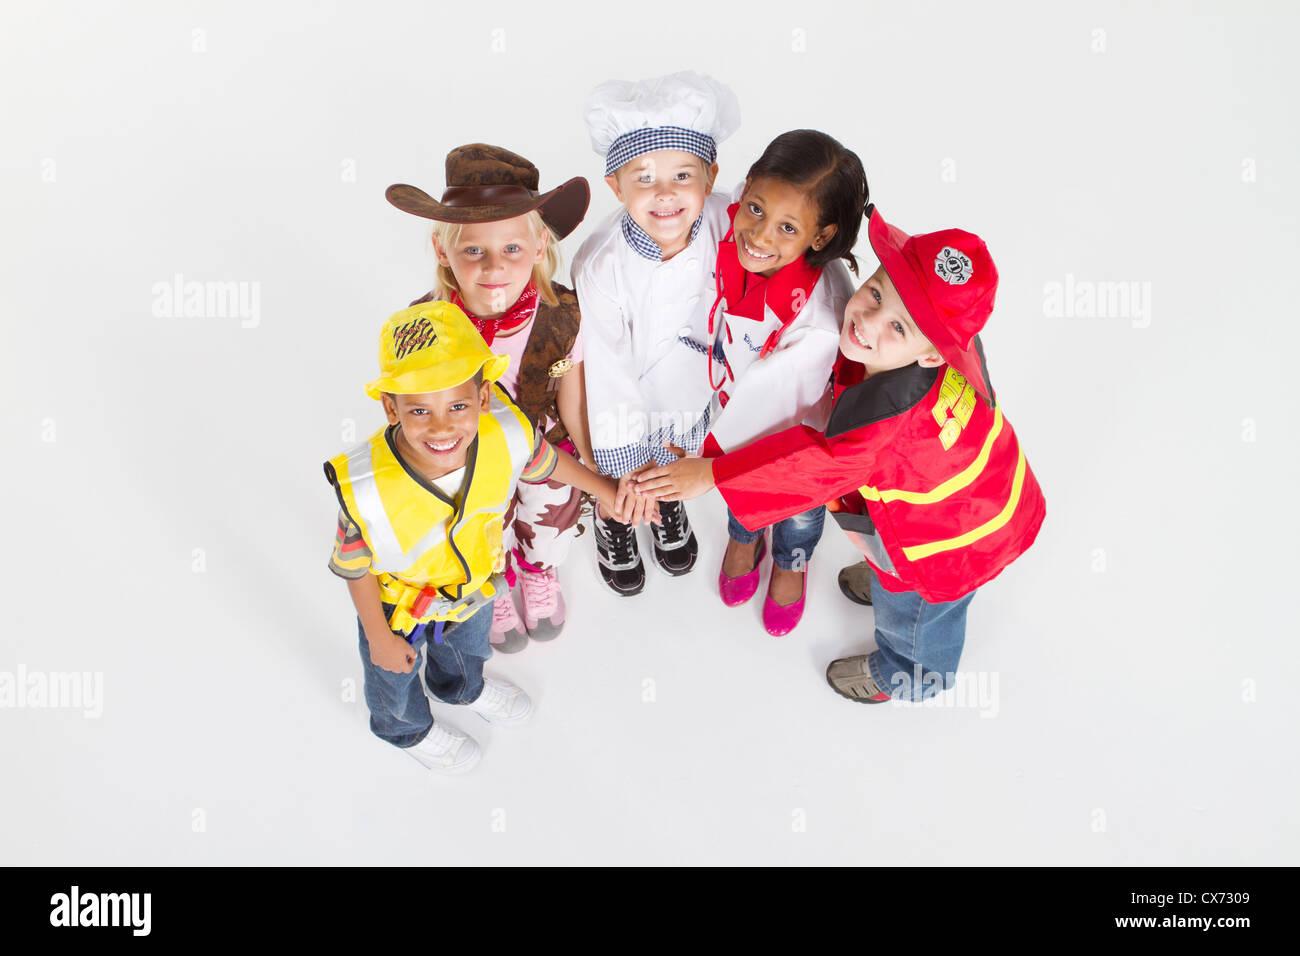 Vista aérea de niños en uniformes profesionales trabajo en equipo Imagen De Stock